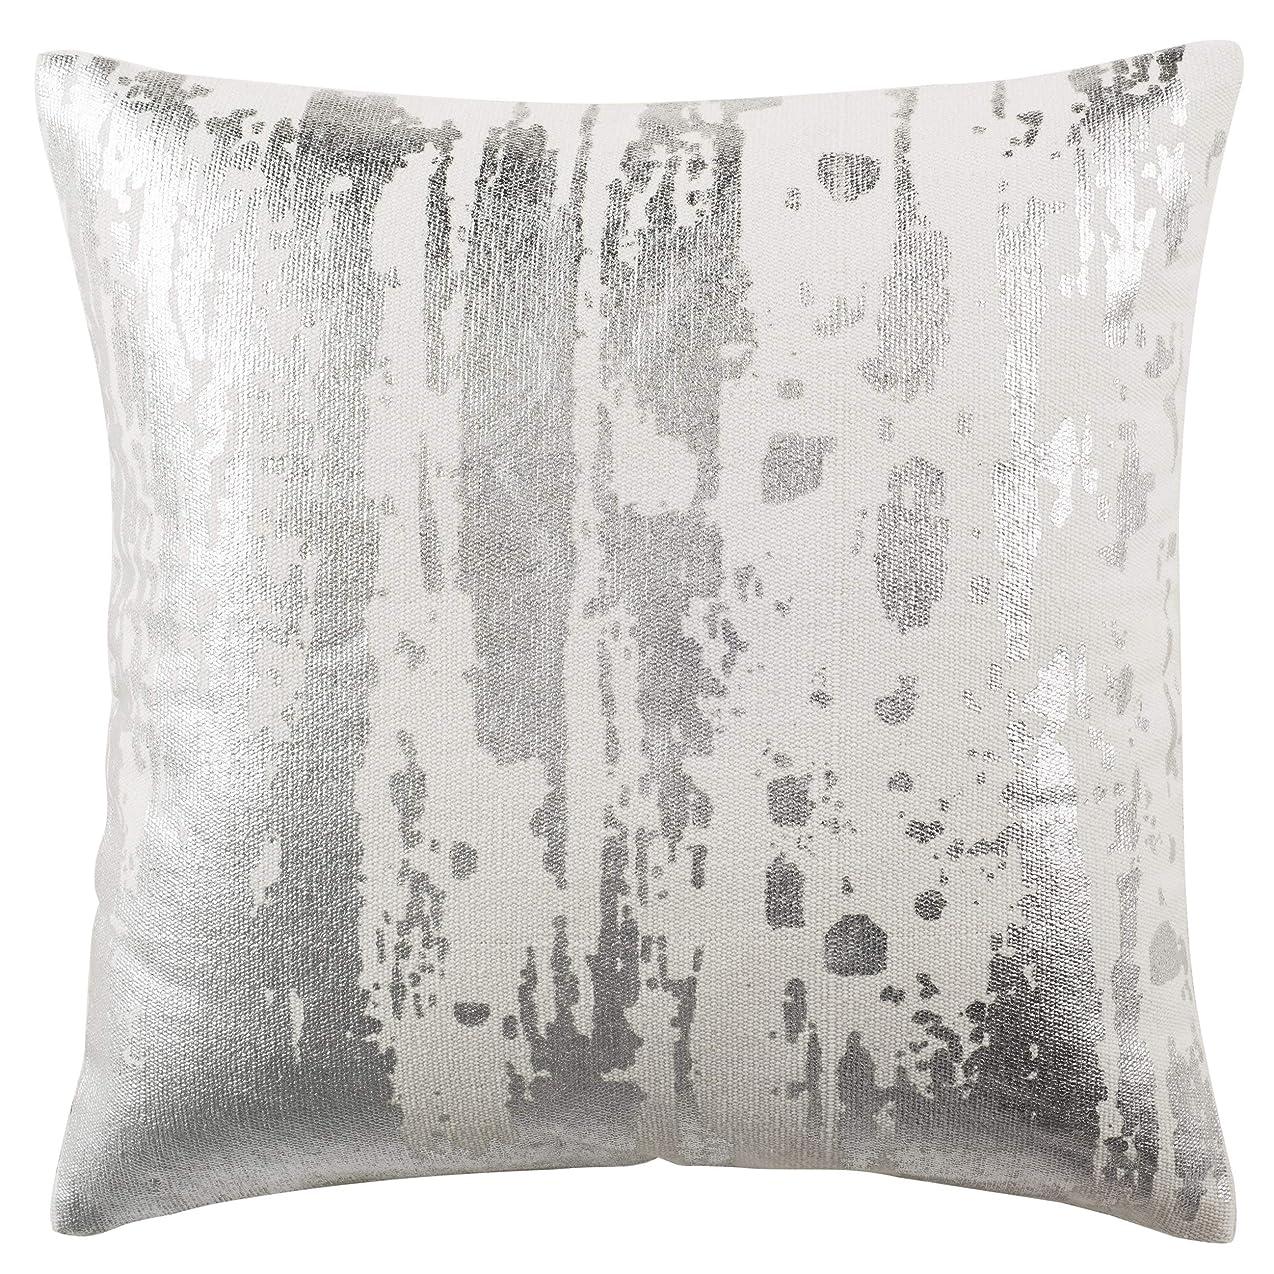 頬骨たらい硫黄SafaviehメタリックSplatter装飾枕 20 x 20 ホワイト PLS954A-2020